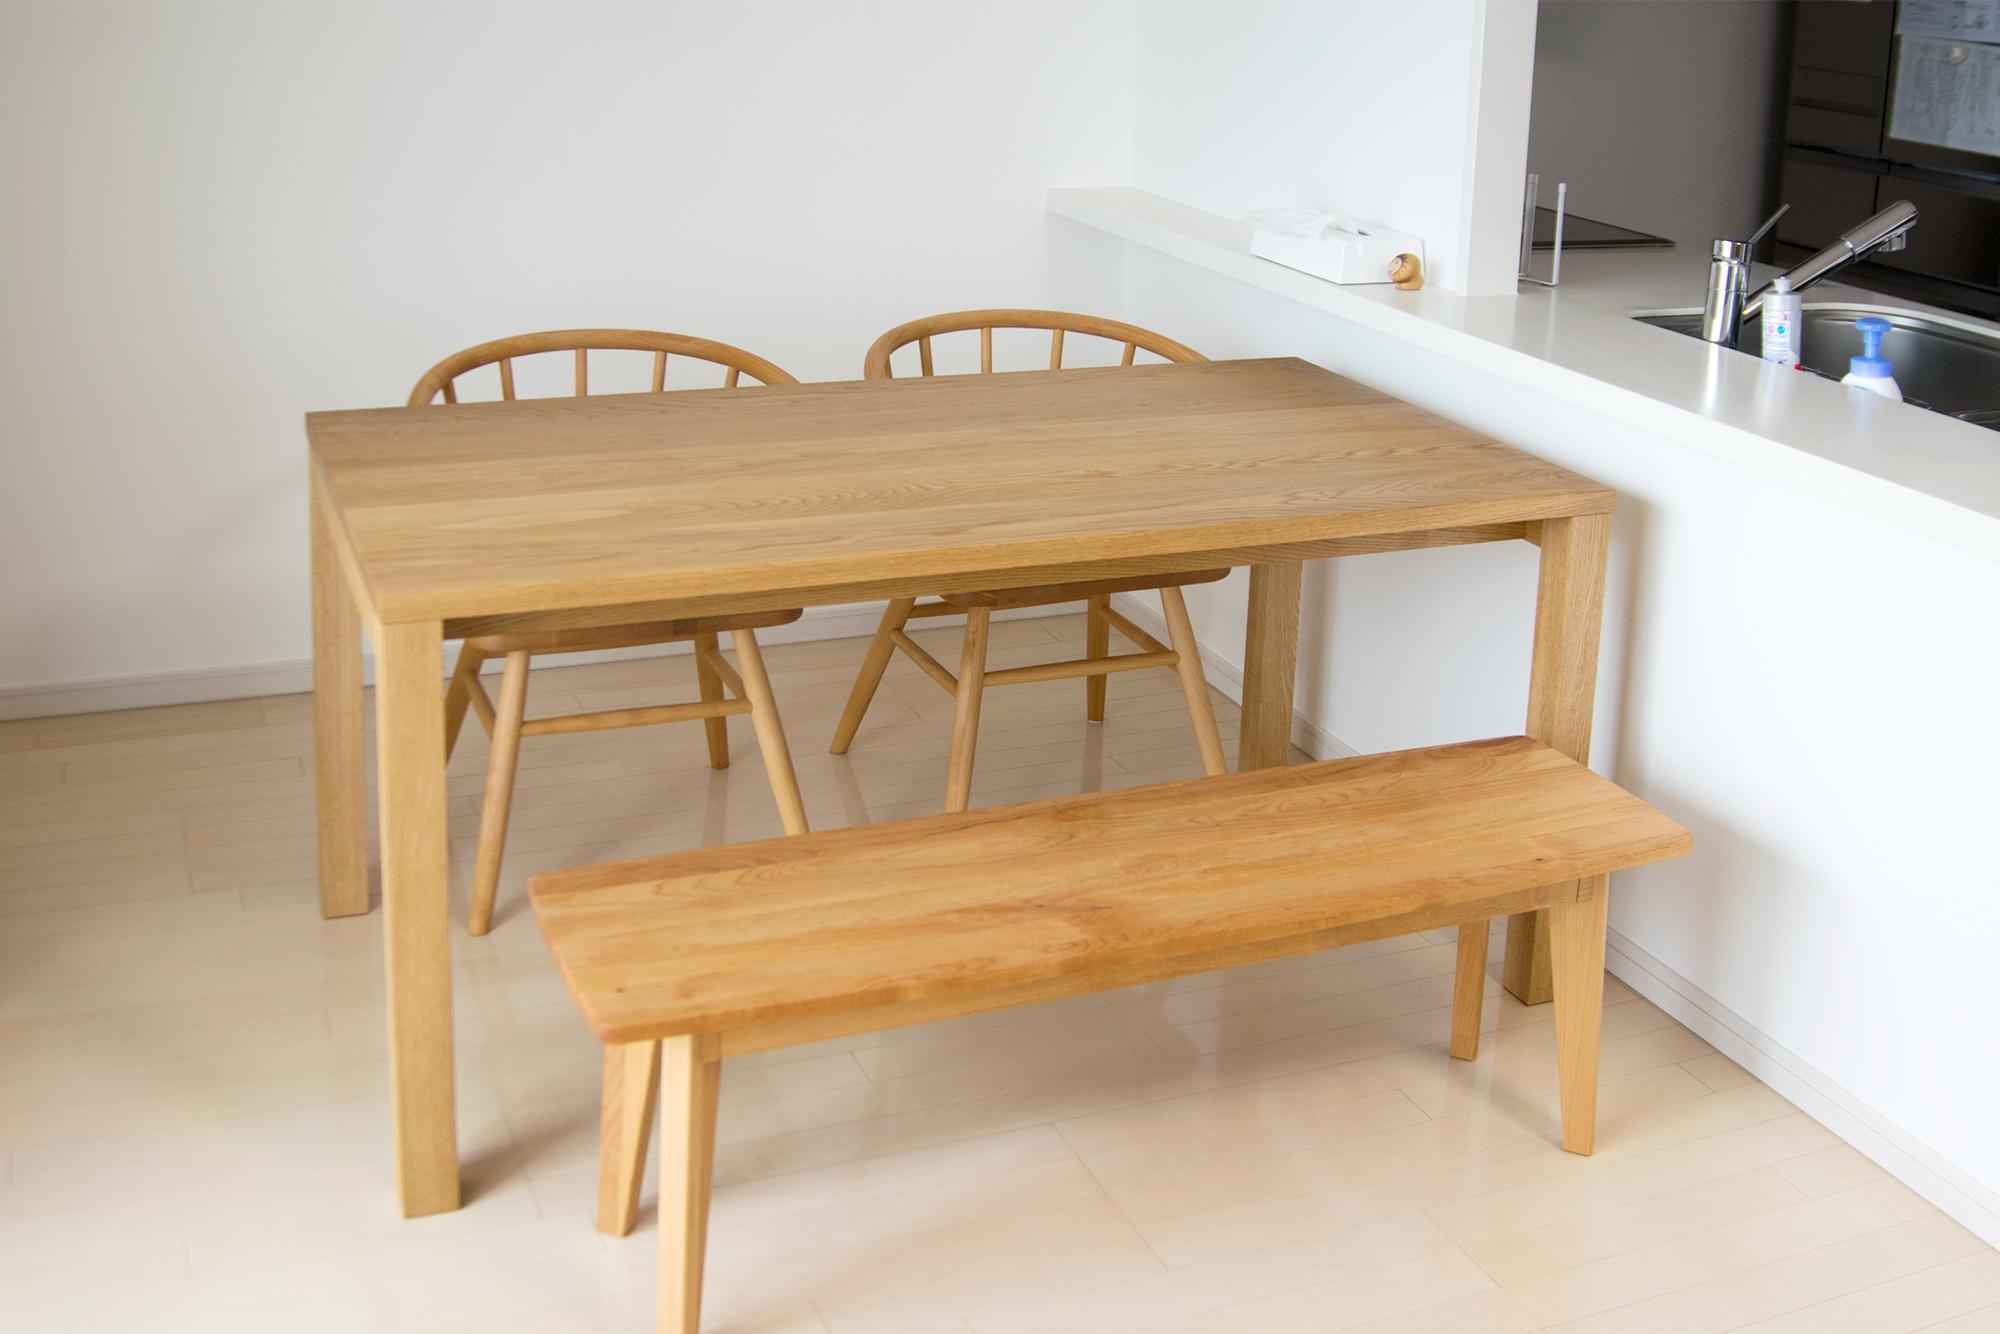 タモ材で脚周りが広いデザインのスタンダードテーブル・タイプ2